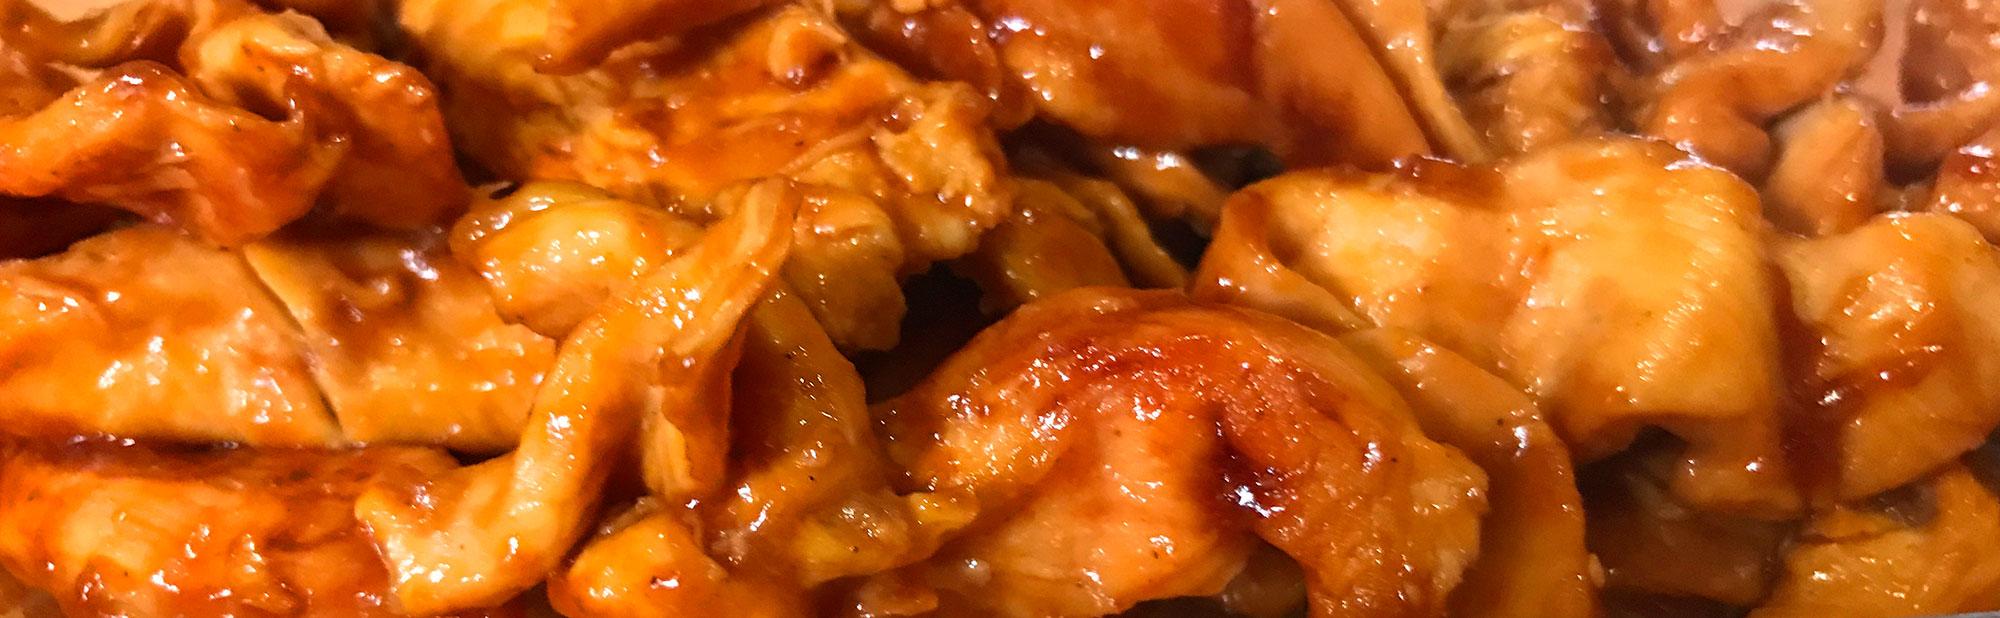 La Antojadera | Fajitas de Pollo BBQ